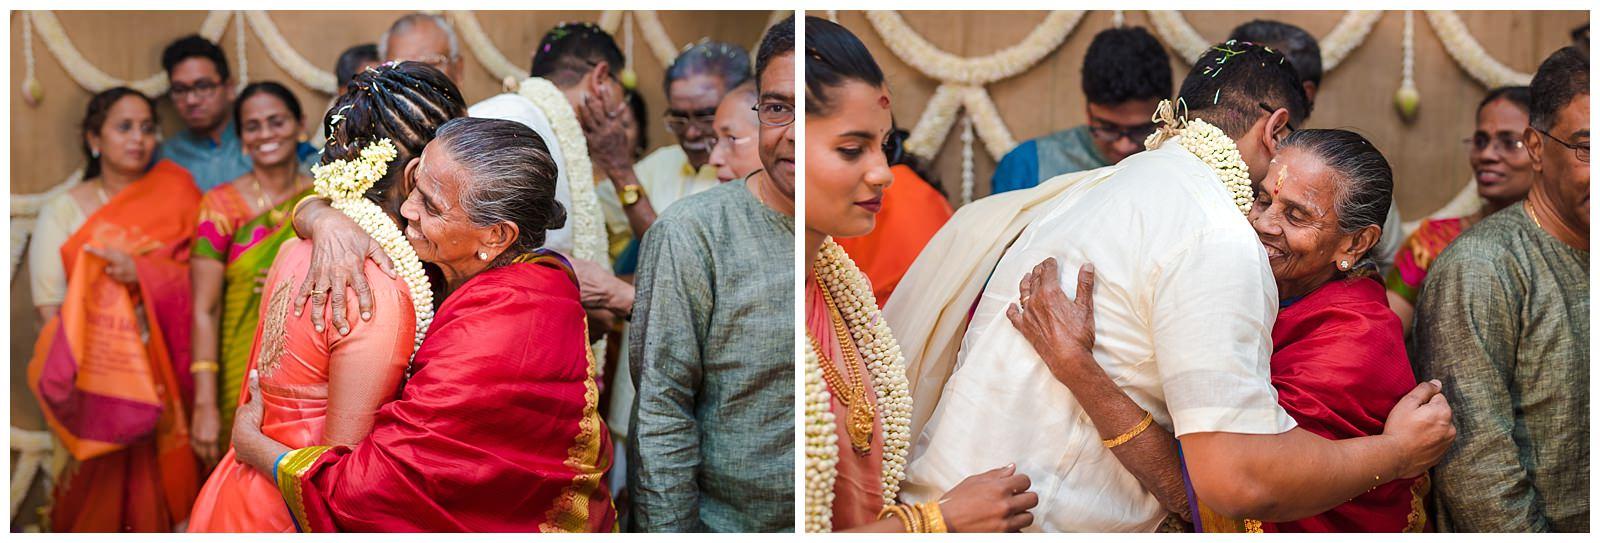 22012018-Siddharth-Shradha-Wedding-Candid-SR416-1000-48.jpg